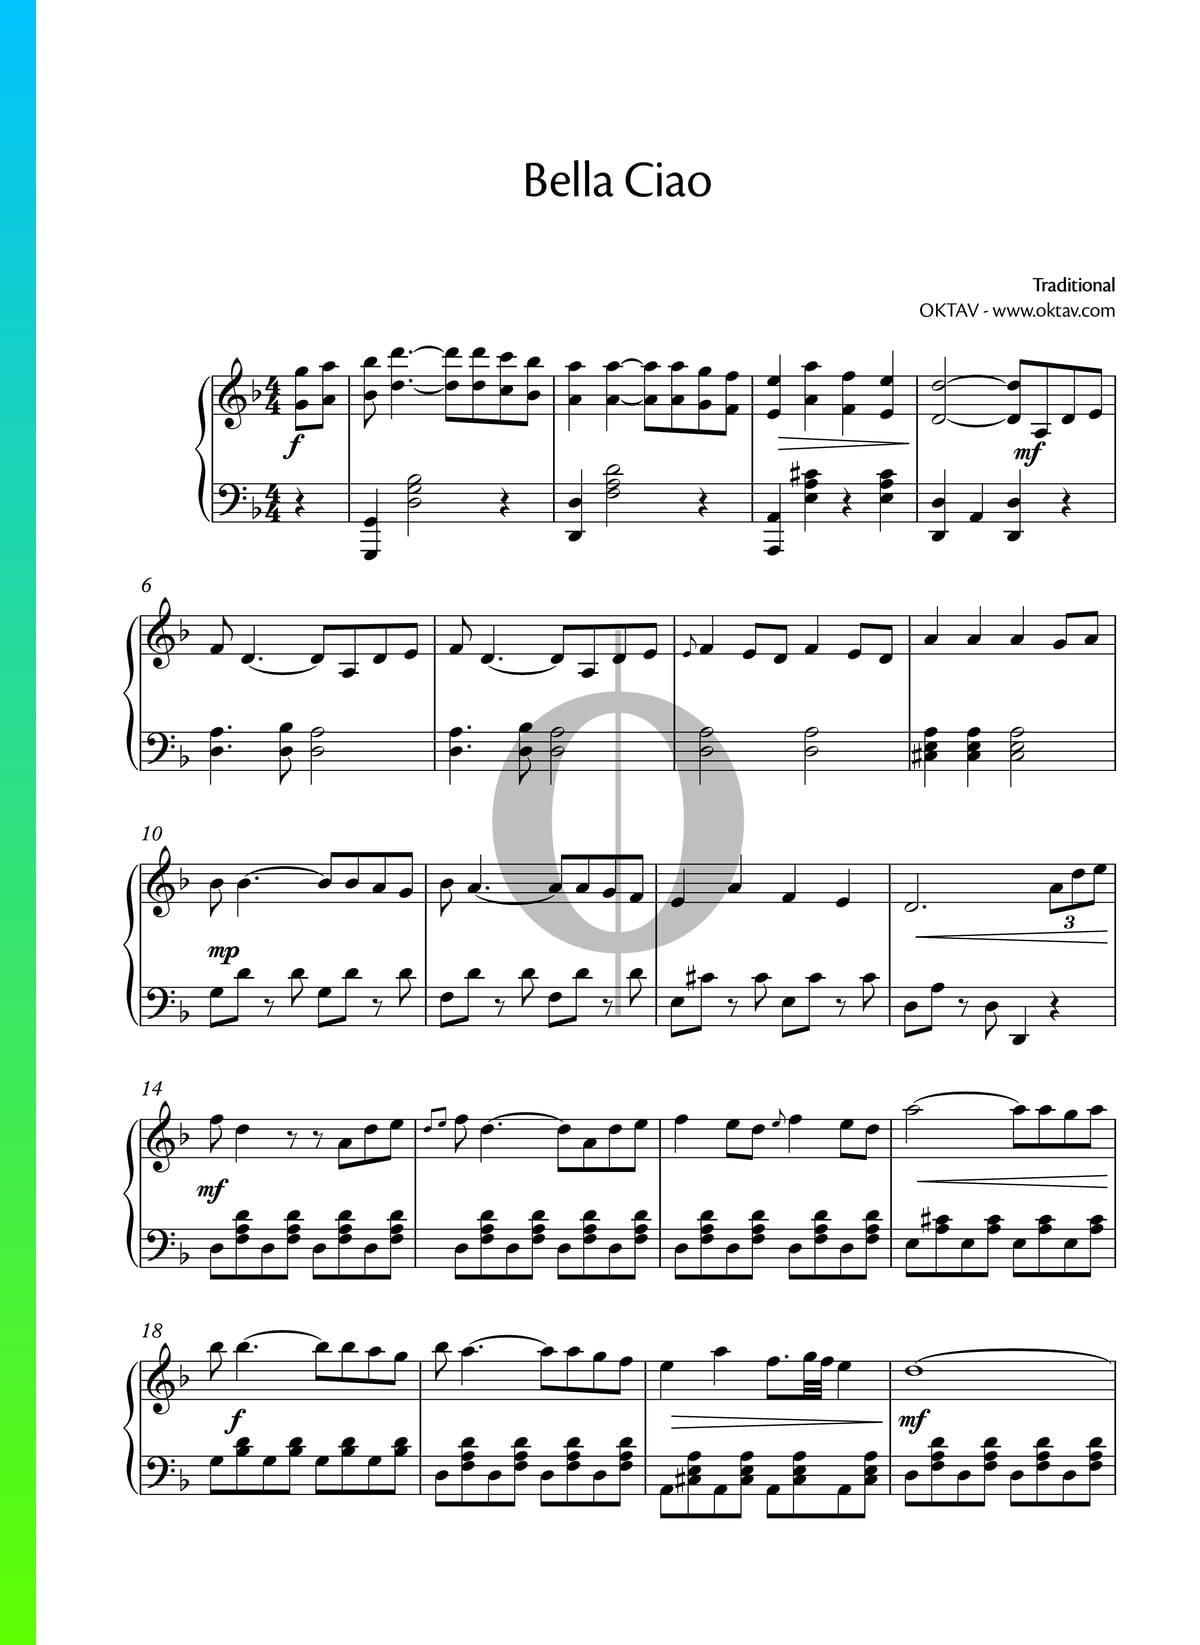 Bella Ciao Sheet Music Piano Solo Pdf Download